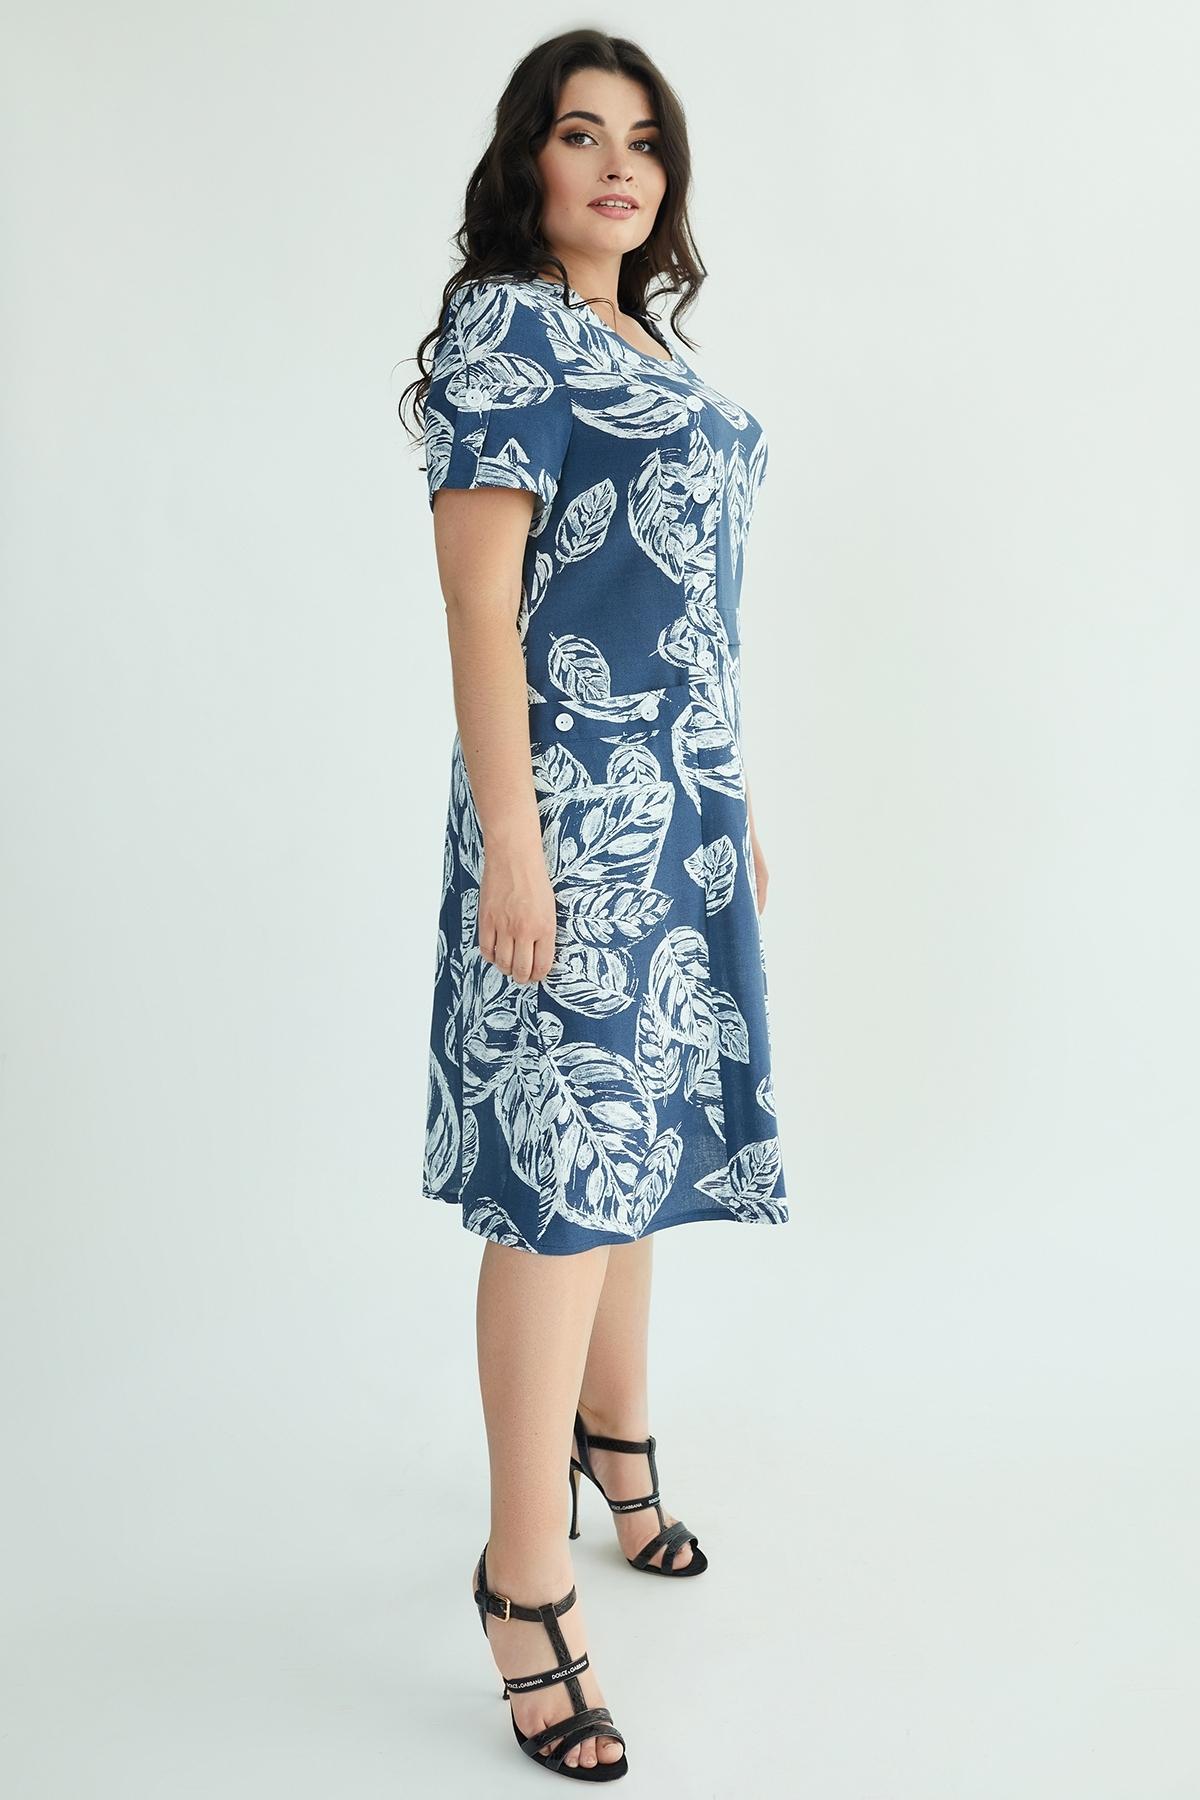 Сукня Кармеліта (Кармелита) (джинс)